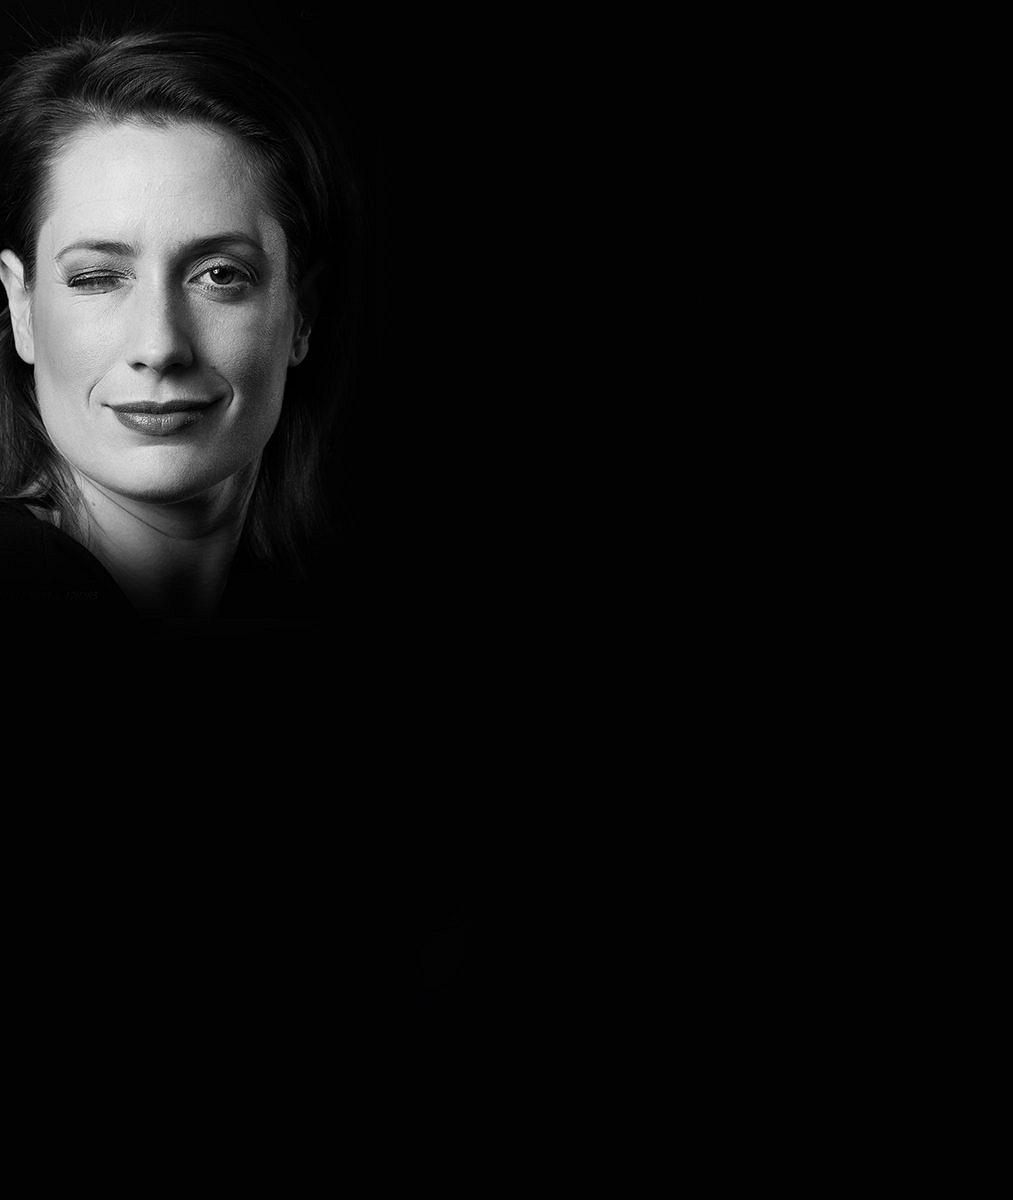 Chvilku před porodem stihla focení na památku: Lenka Zahradnická se pochlubila originálním snímkem sbříškem